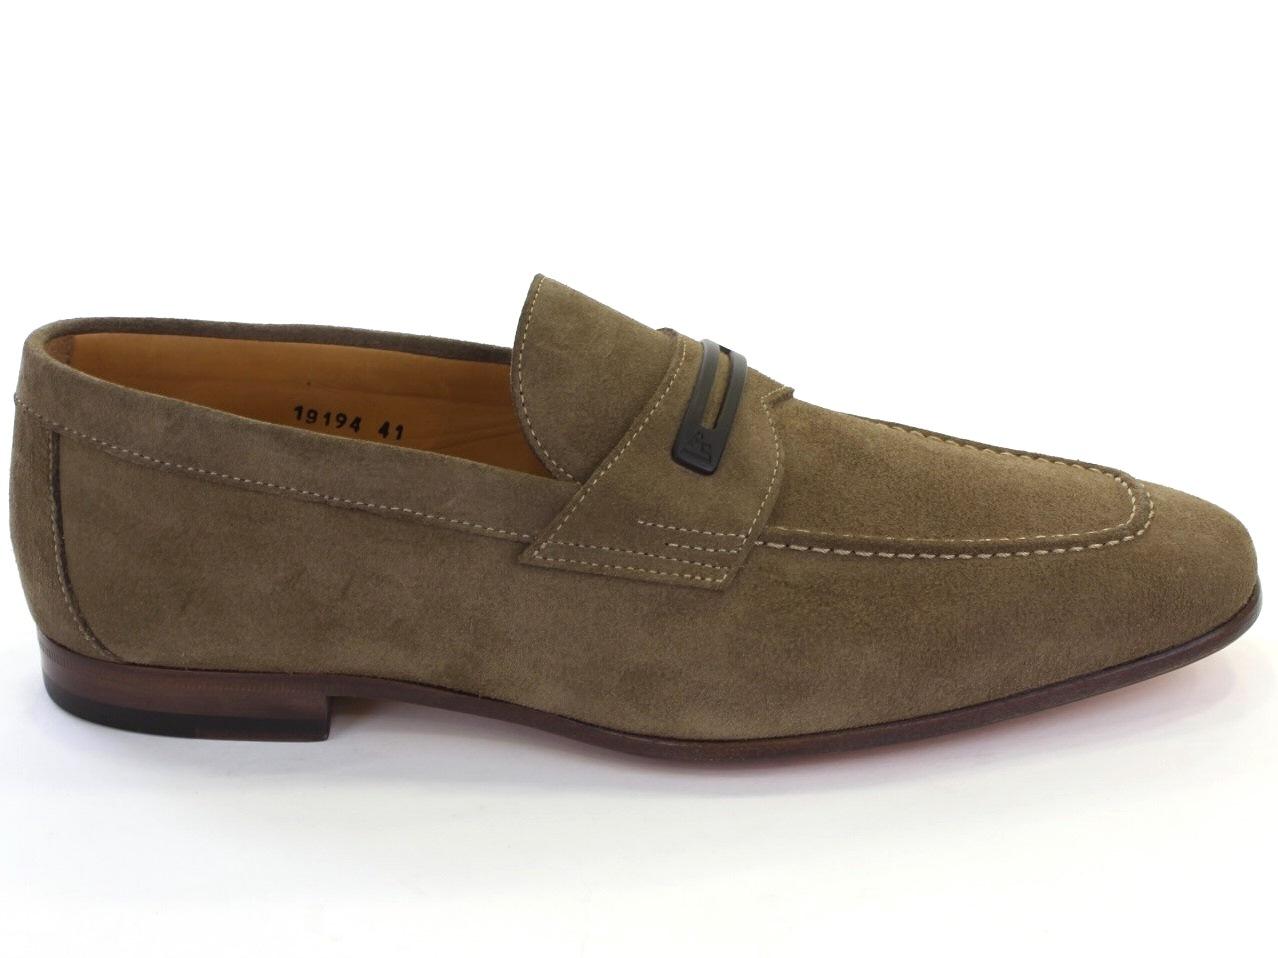 Sapatos Pala e Fivela Gino Bianchi - 405 19194